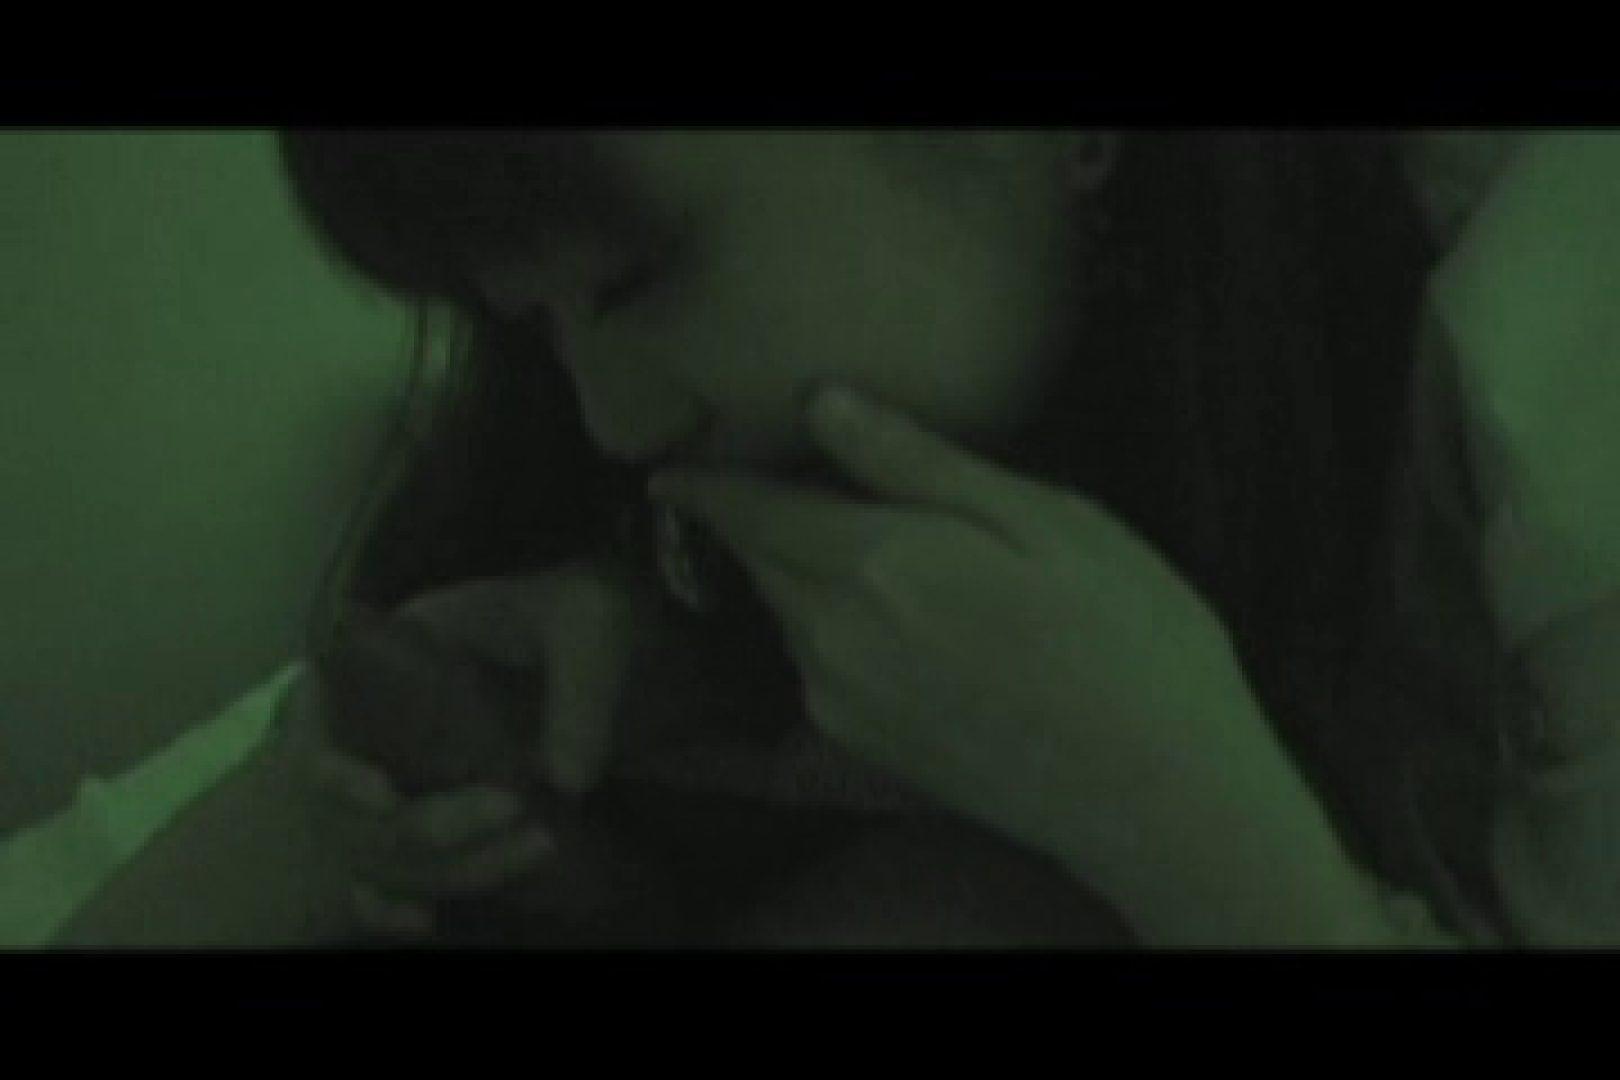 ヤリマンと呼ばれた看護士さんvol3 厠隠し撮り ワレメ動画紹介 72pic 28